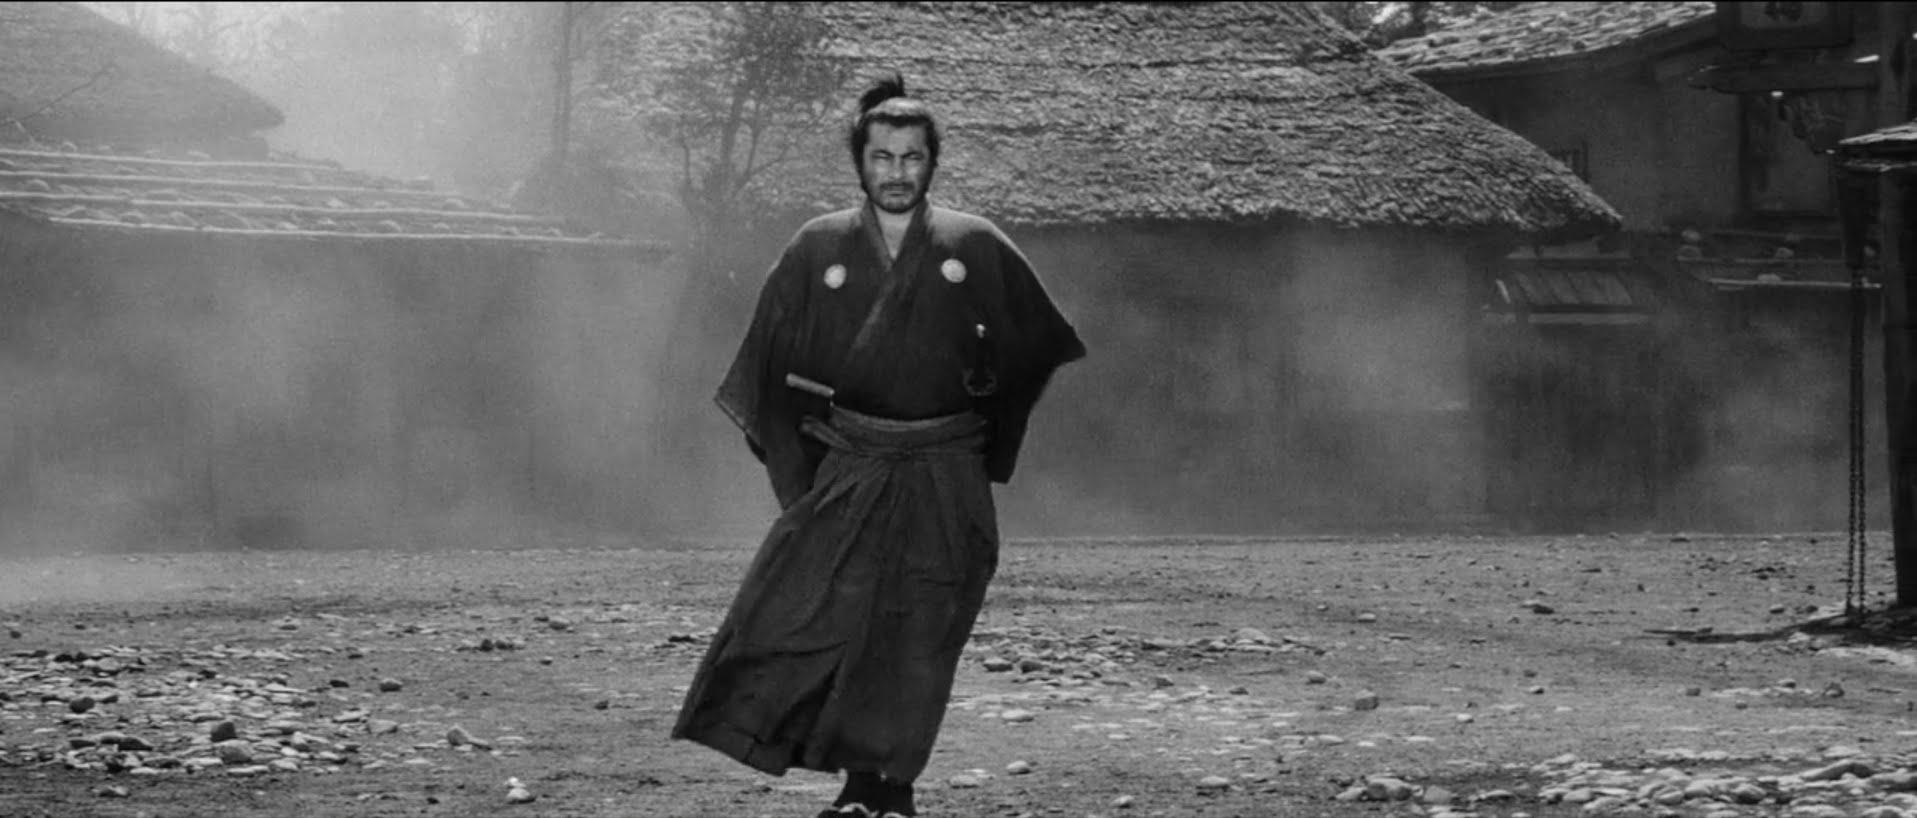 Daylightpeople.com Akira Kurosawa - Composing Movement